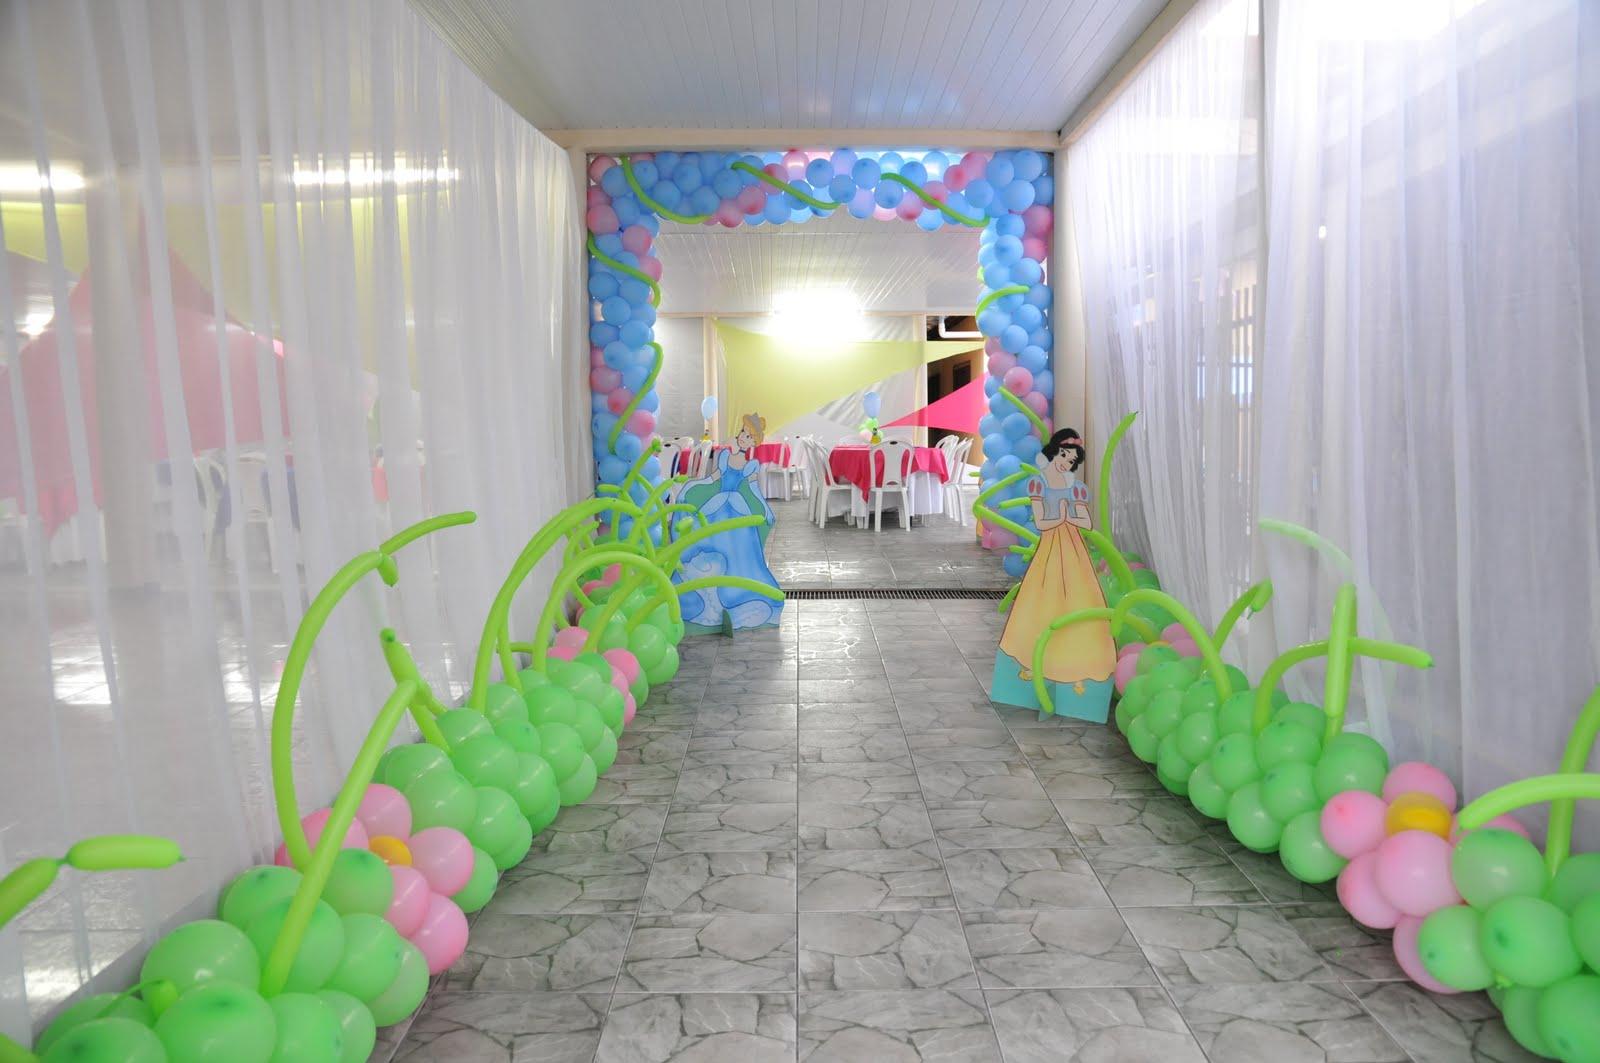 decoracao festa balada infantil:Postado por Viva Festas às 12:37 Nenhum comentário: